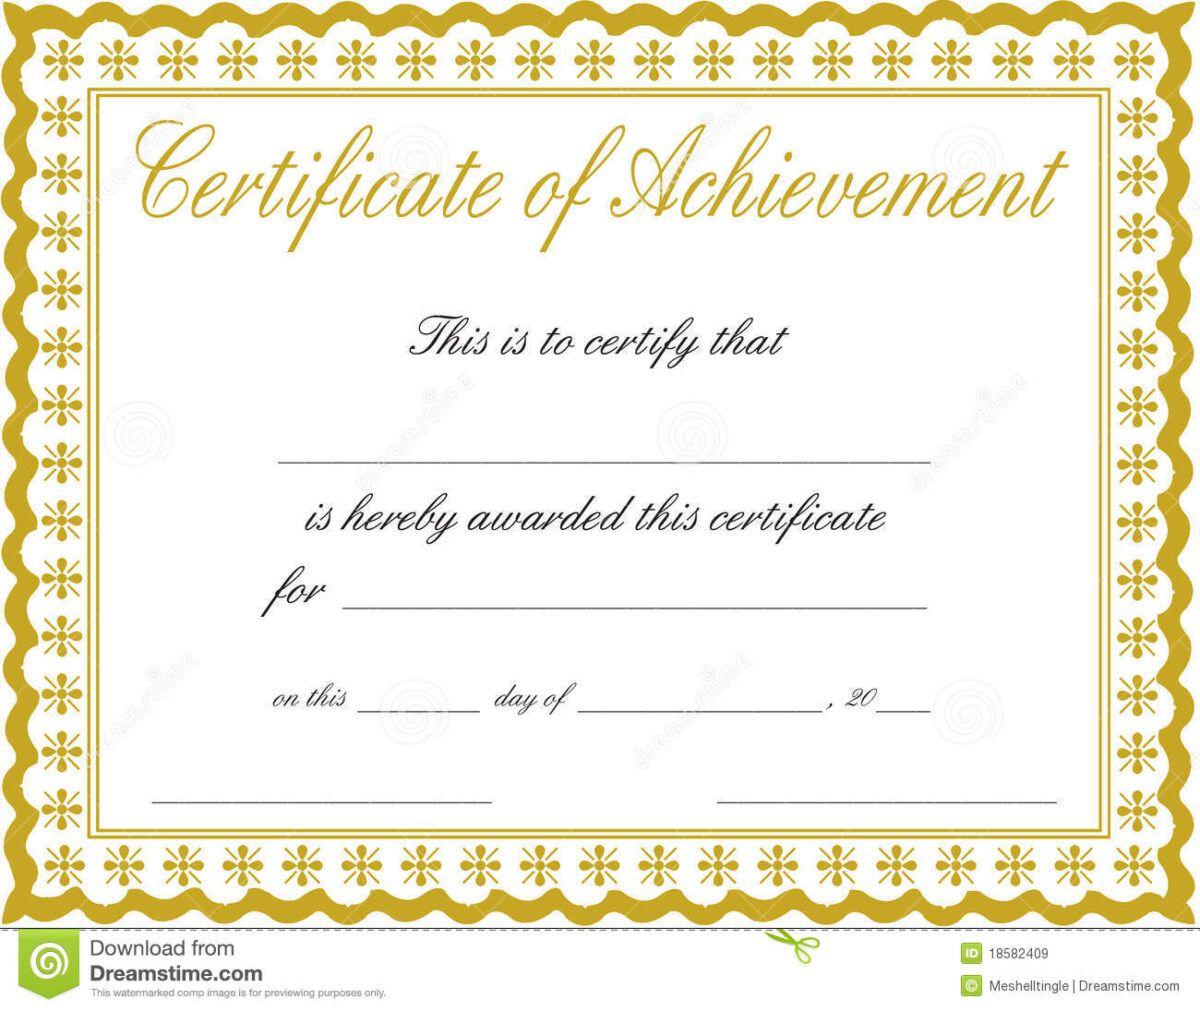 Docx Achievement Certificates Templates Free Certificate Of In Certificate Of Achi Free Printable Certificates Blank Certificate Template Certificate Templates